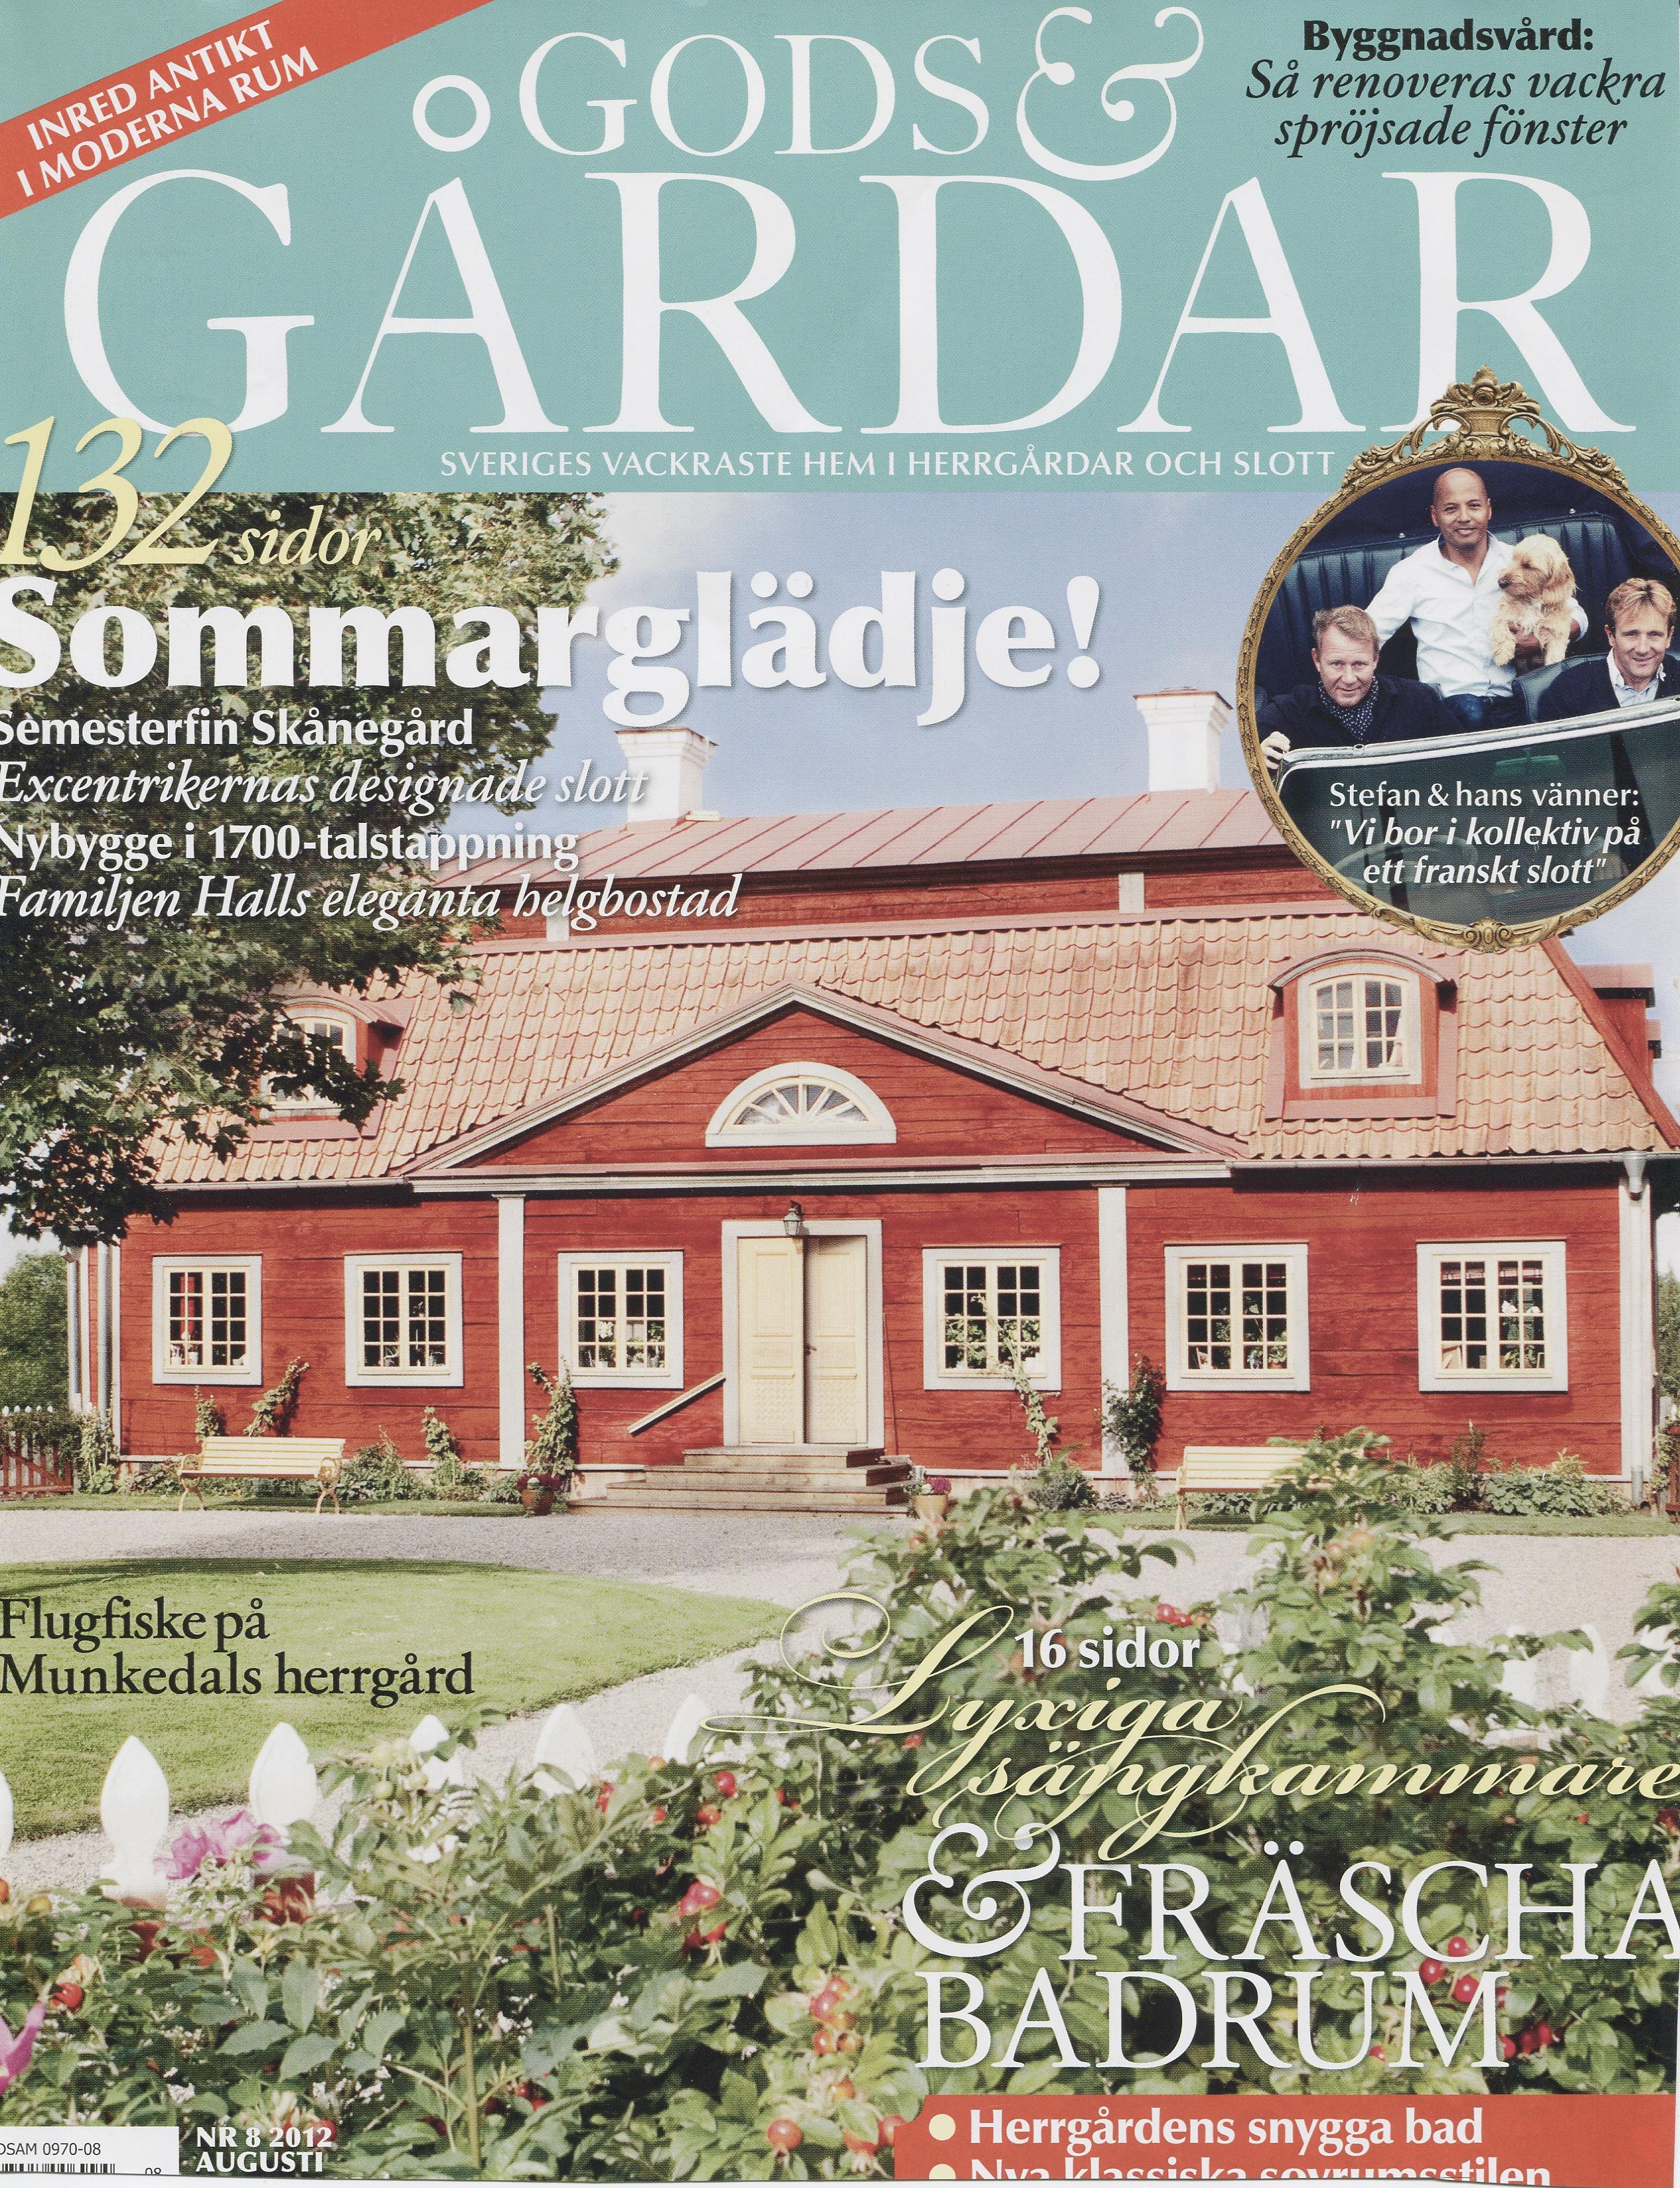 Home & Garden Sweden August 2012_1